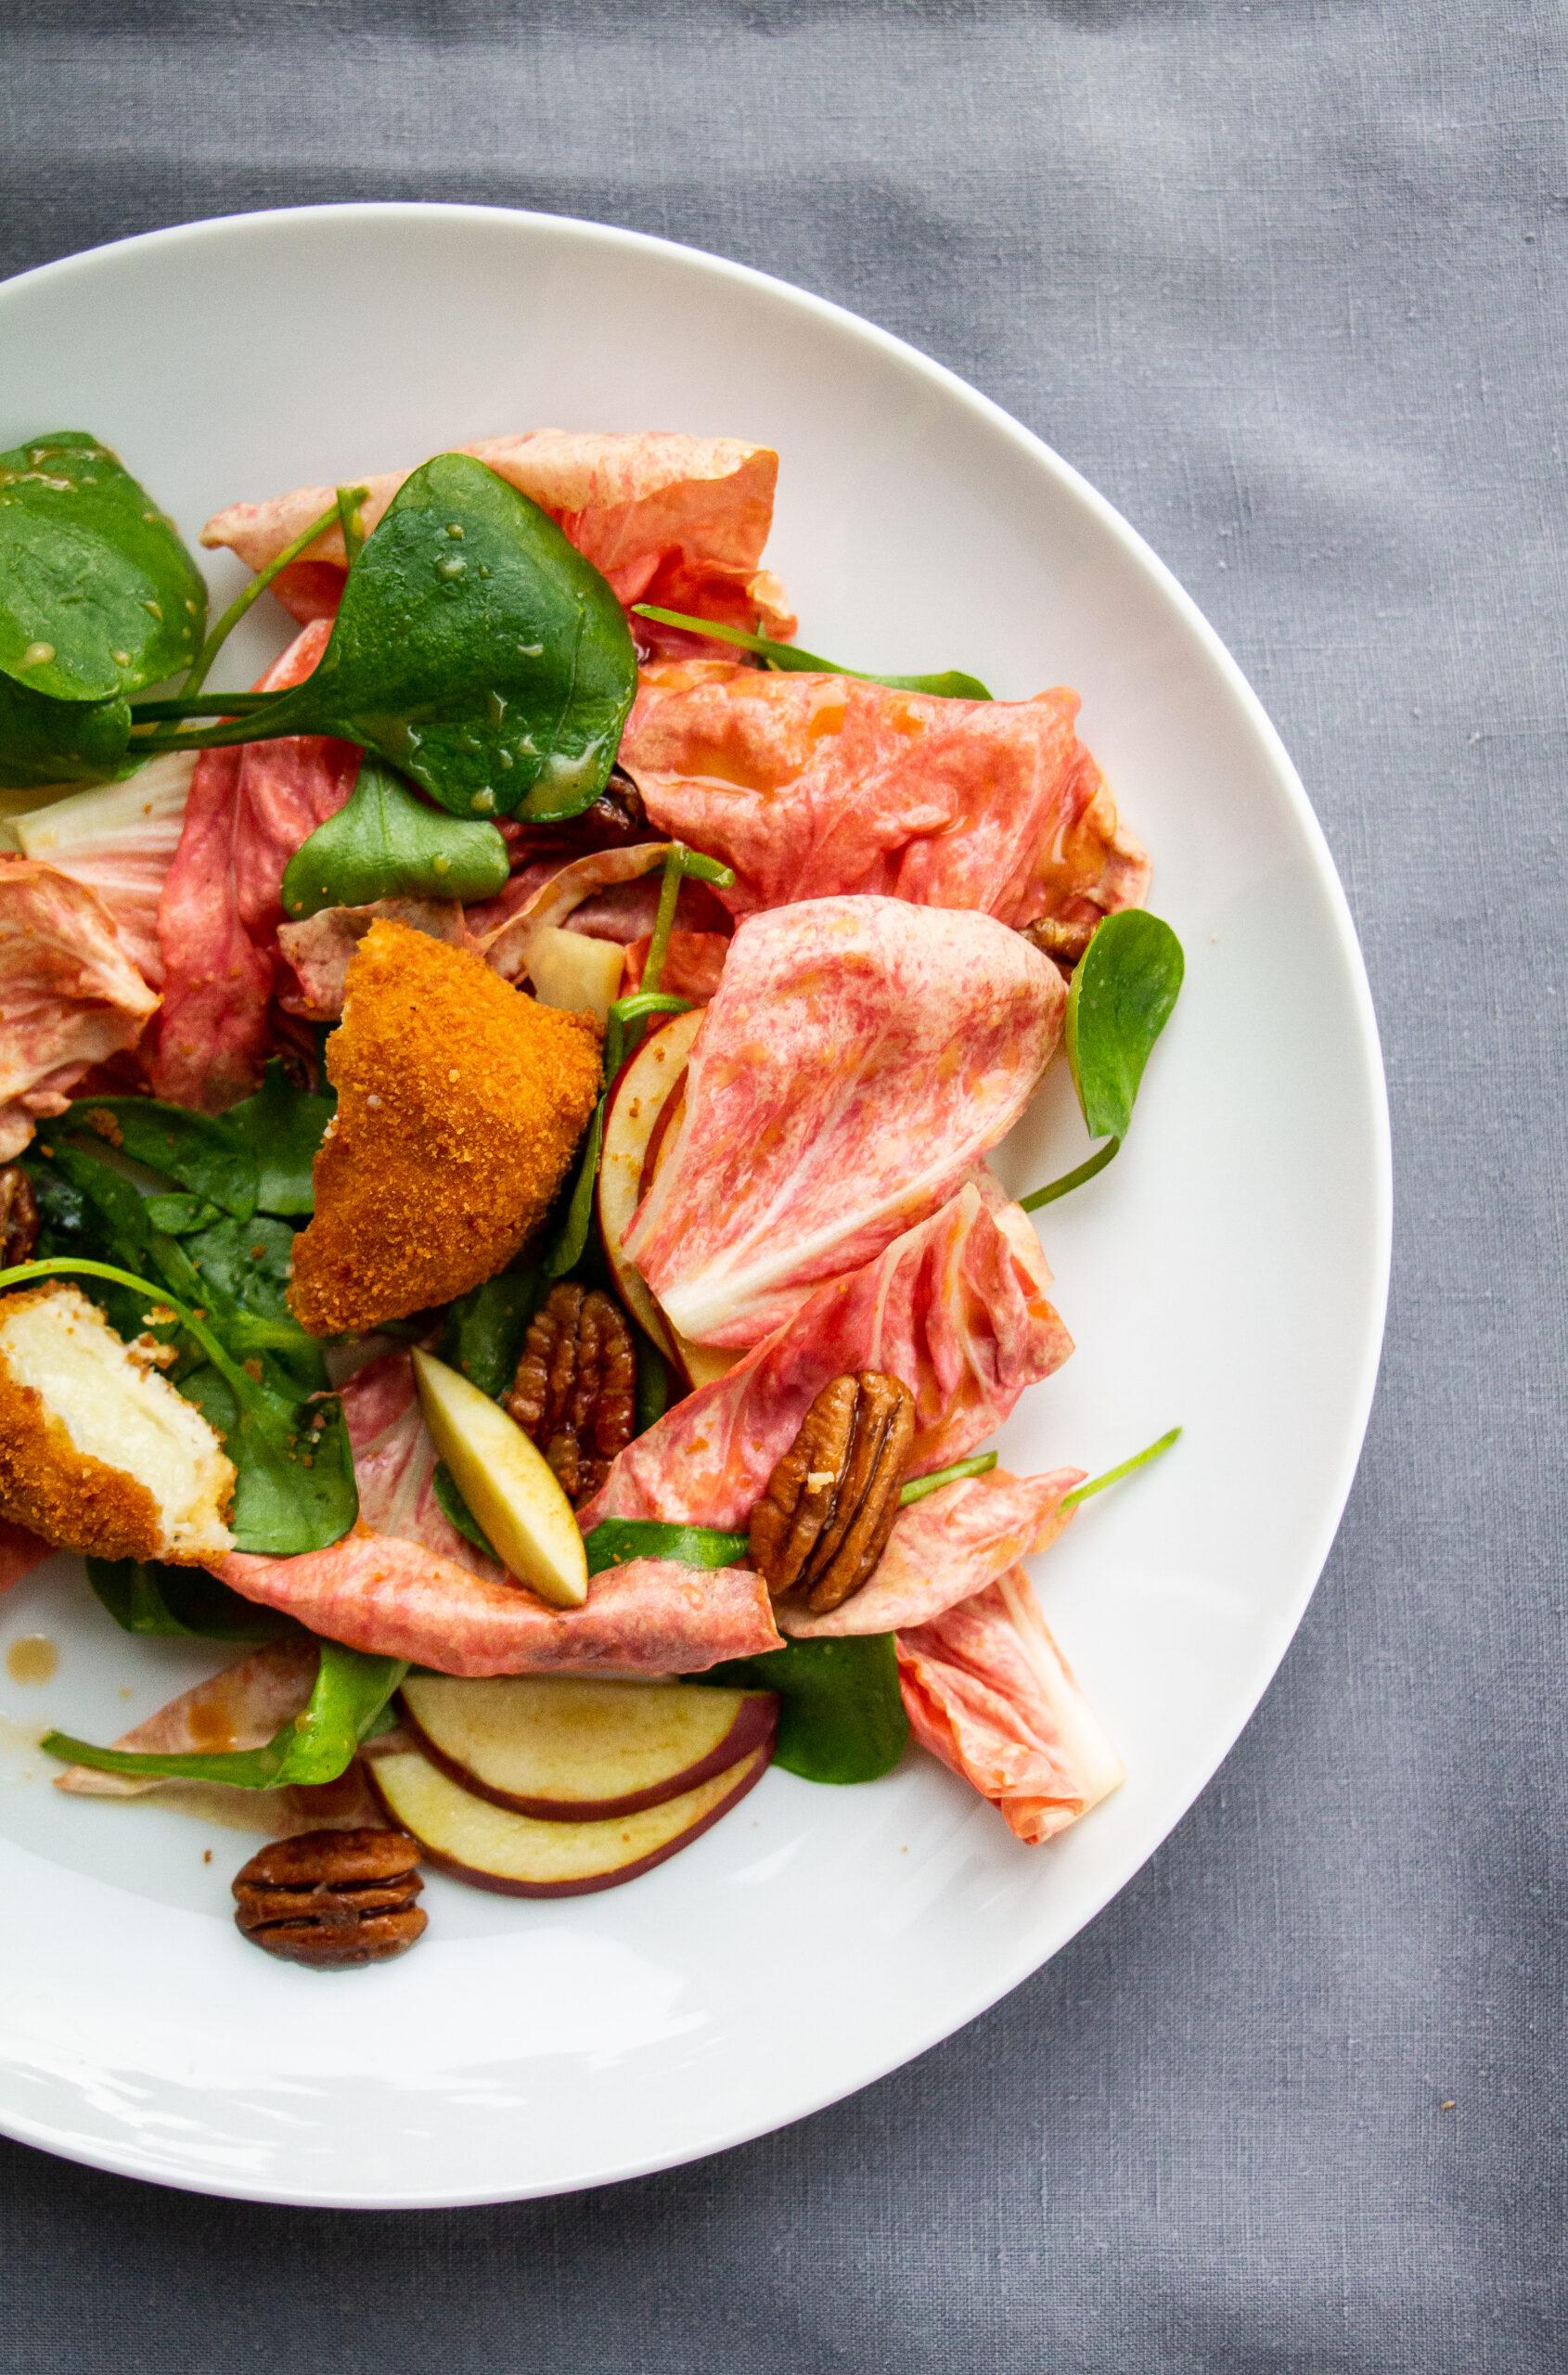 GEbackene Ziegencamembert Ecken auf rosa Radicchio-Salat angerichtet